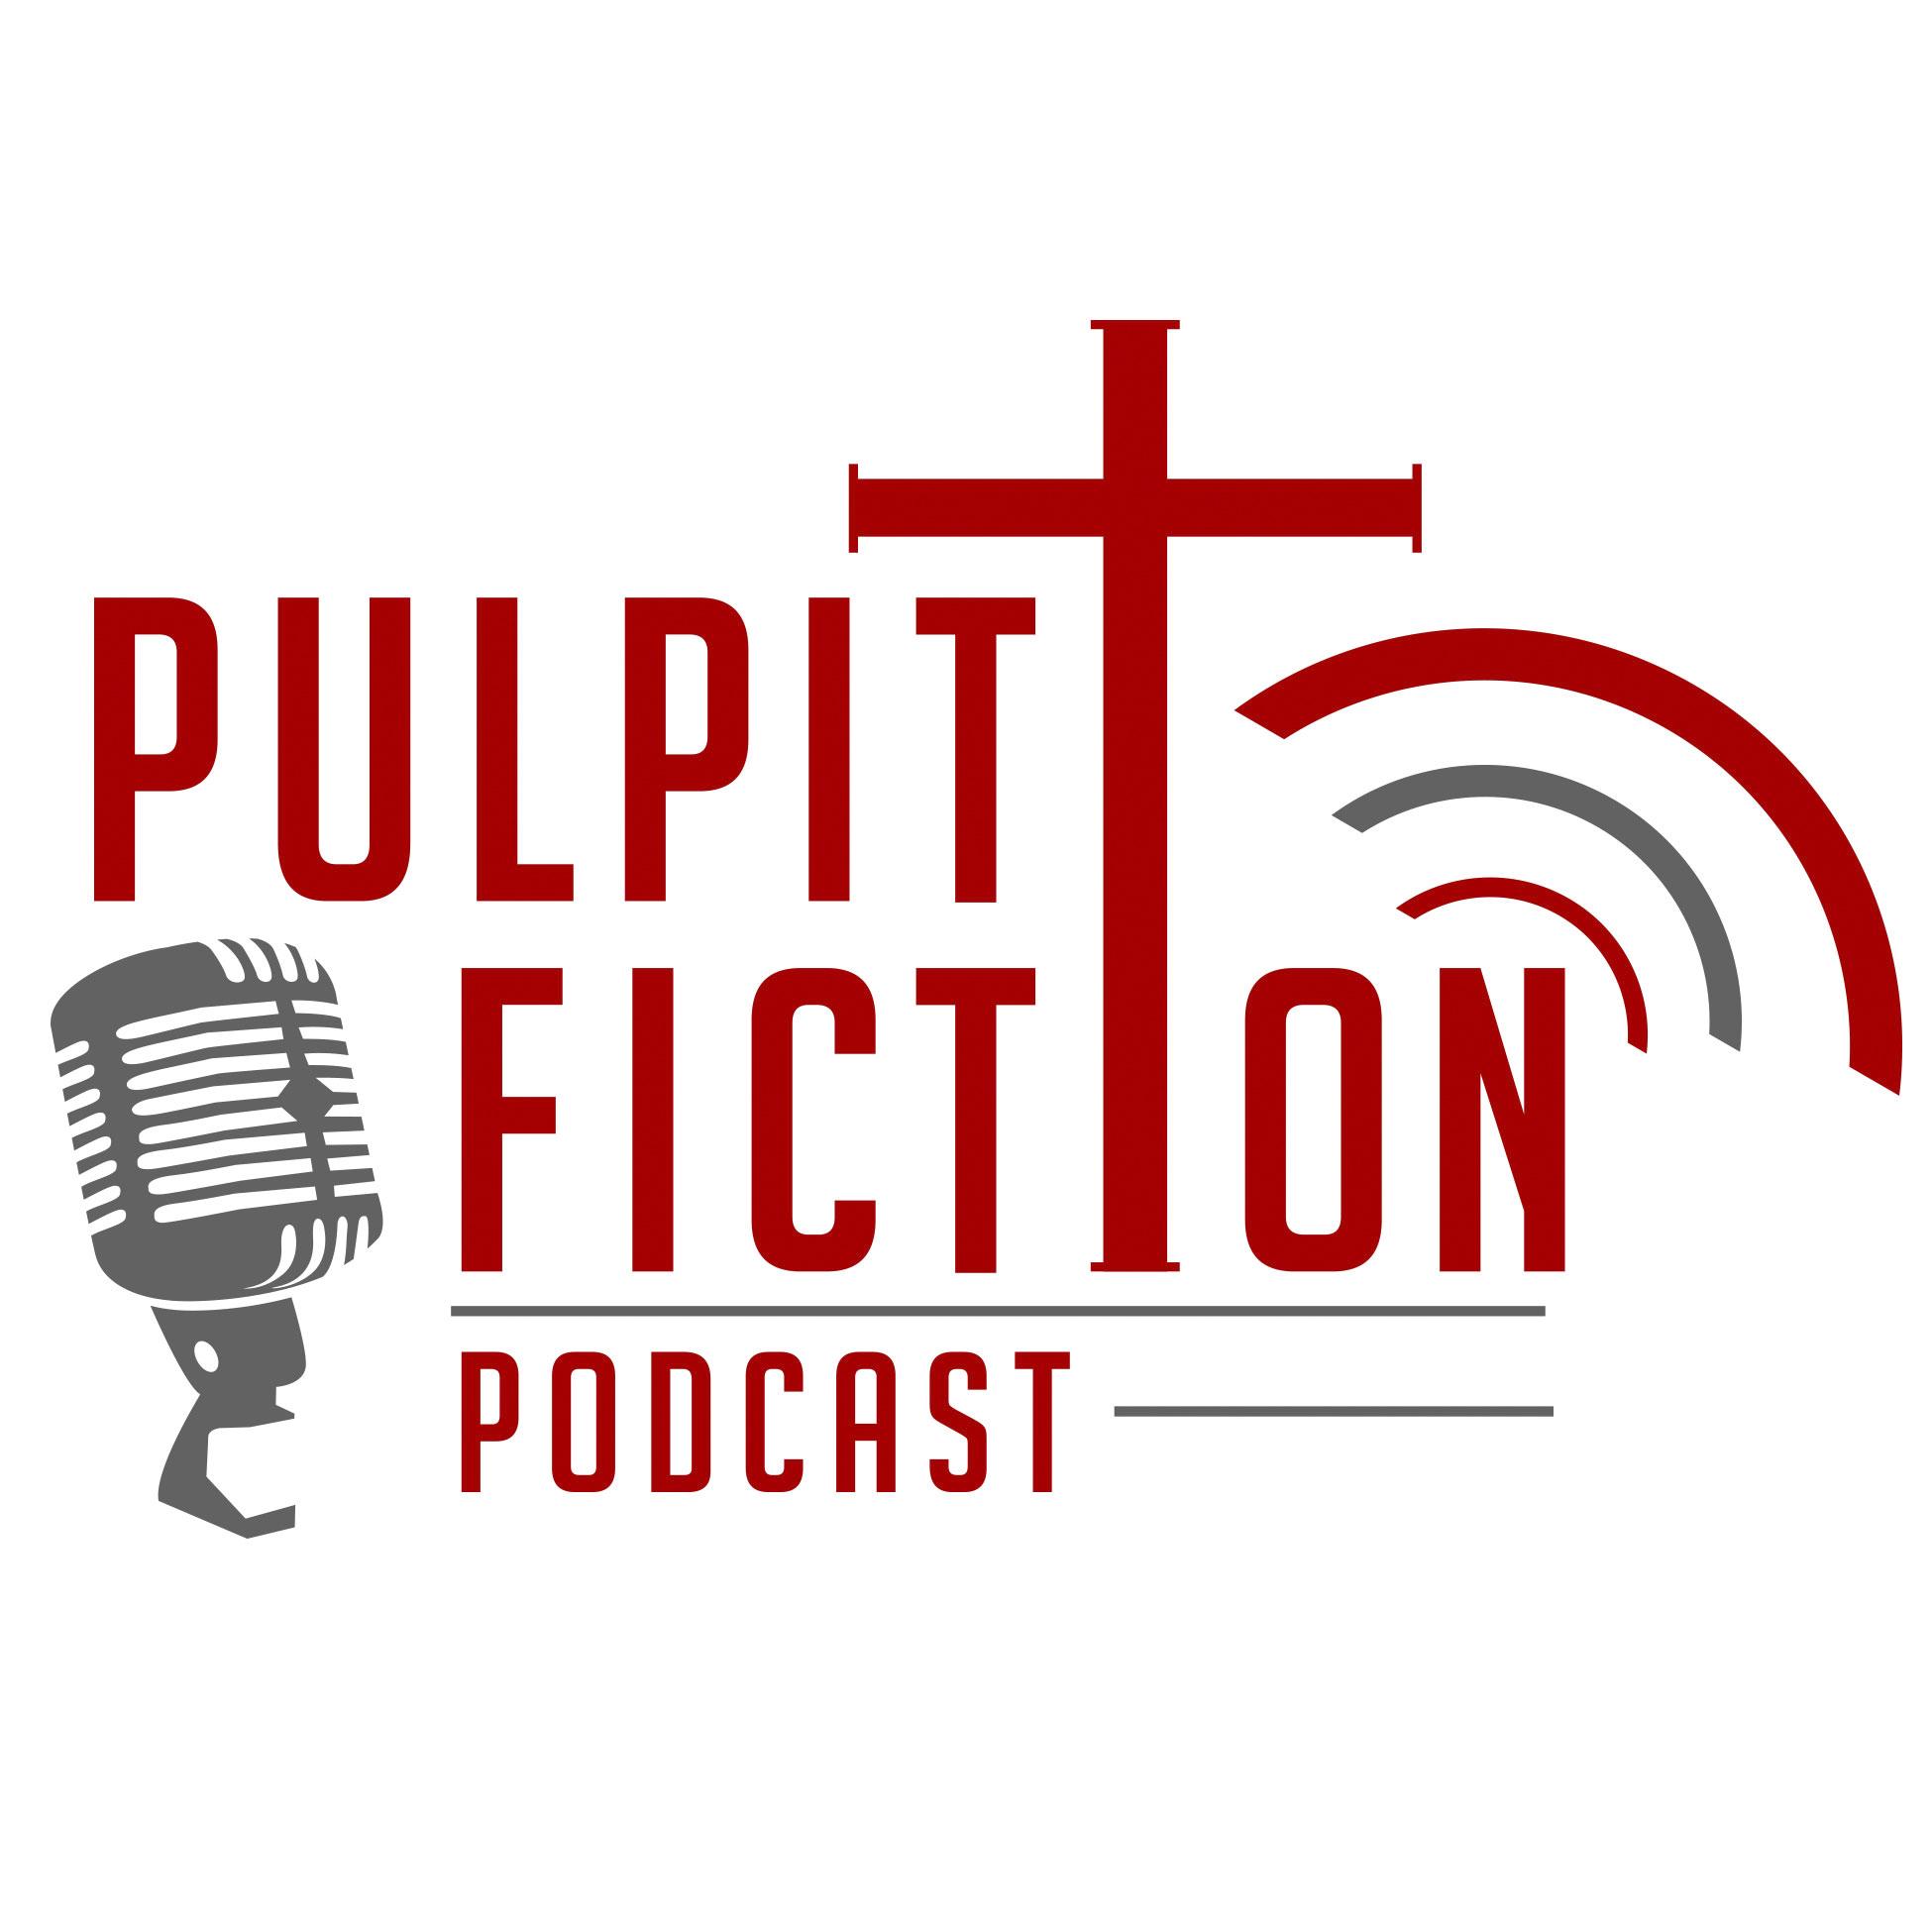 Pulpit Fiction Podcast